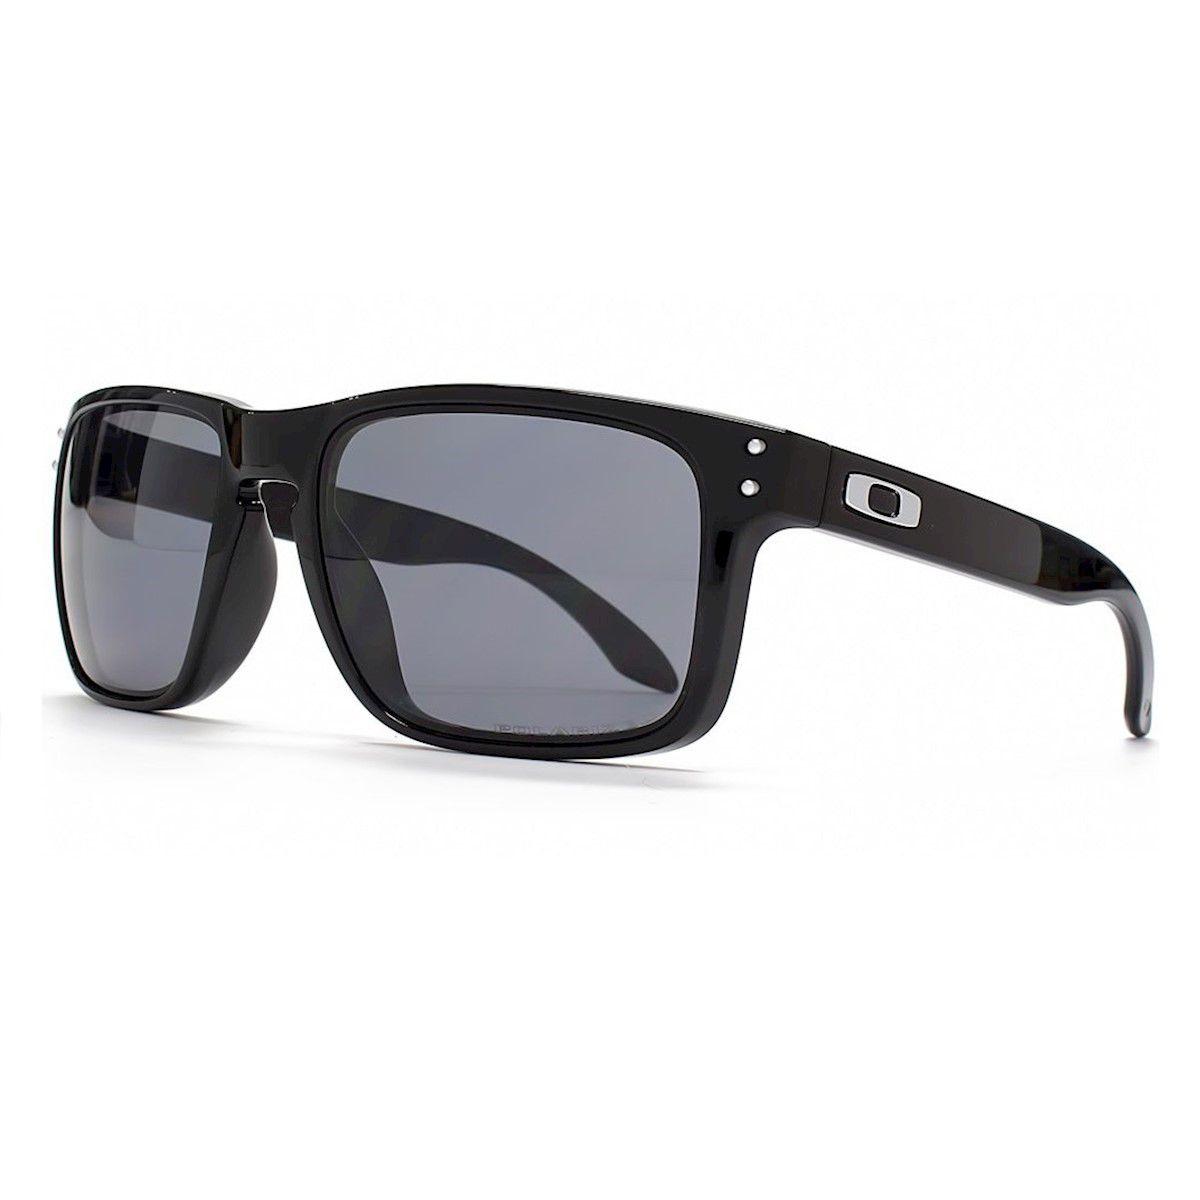 Óculos de Sol Oakley Holbrook Polarized Grey